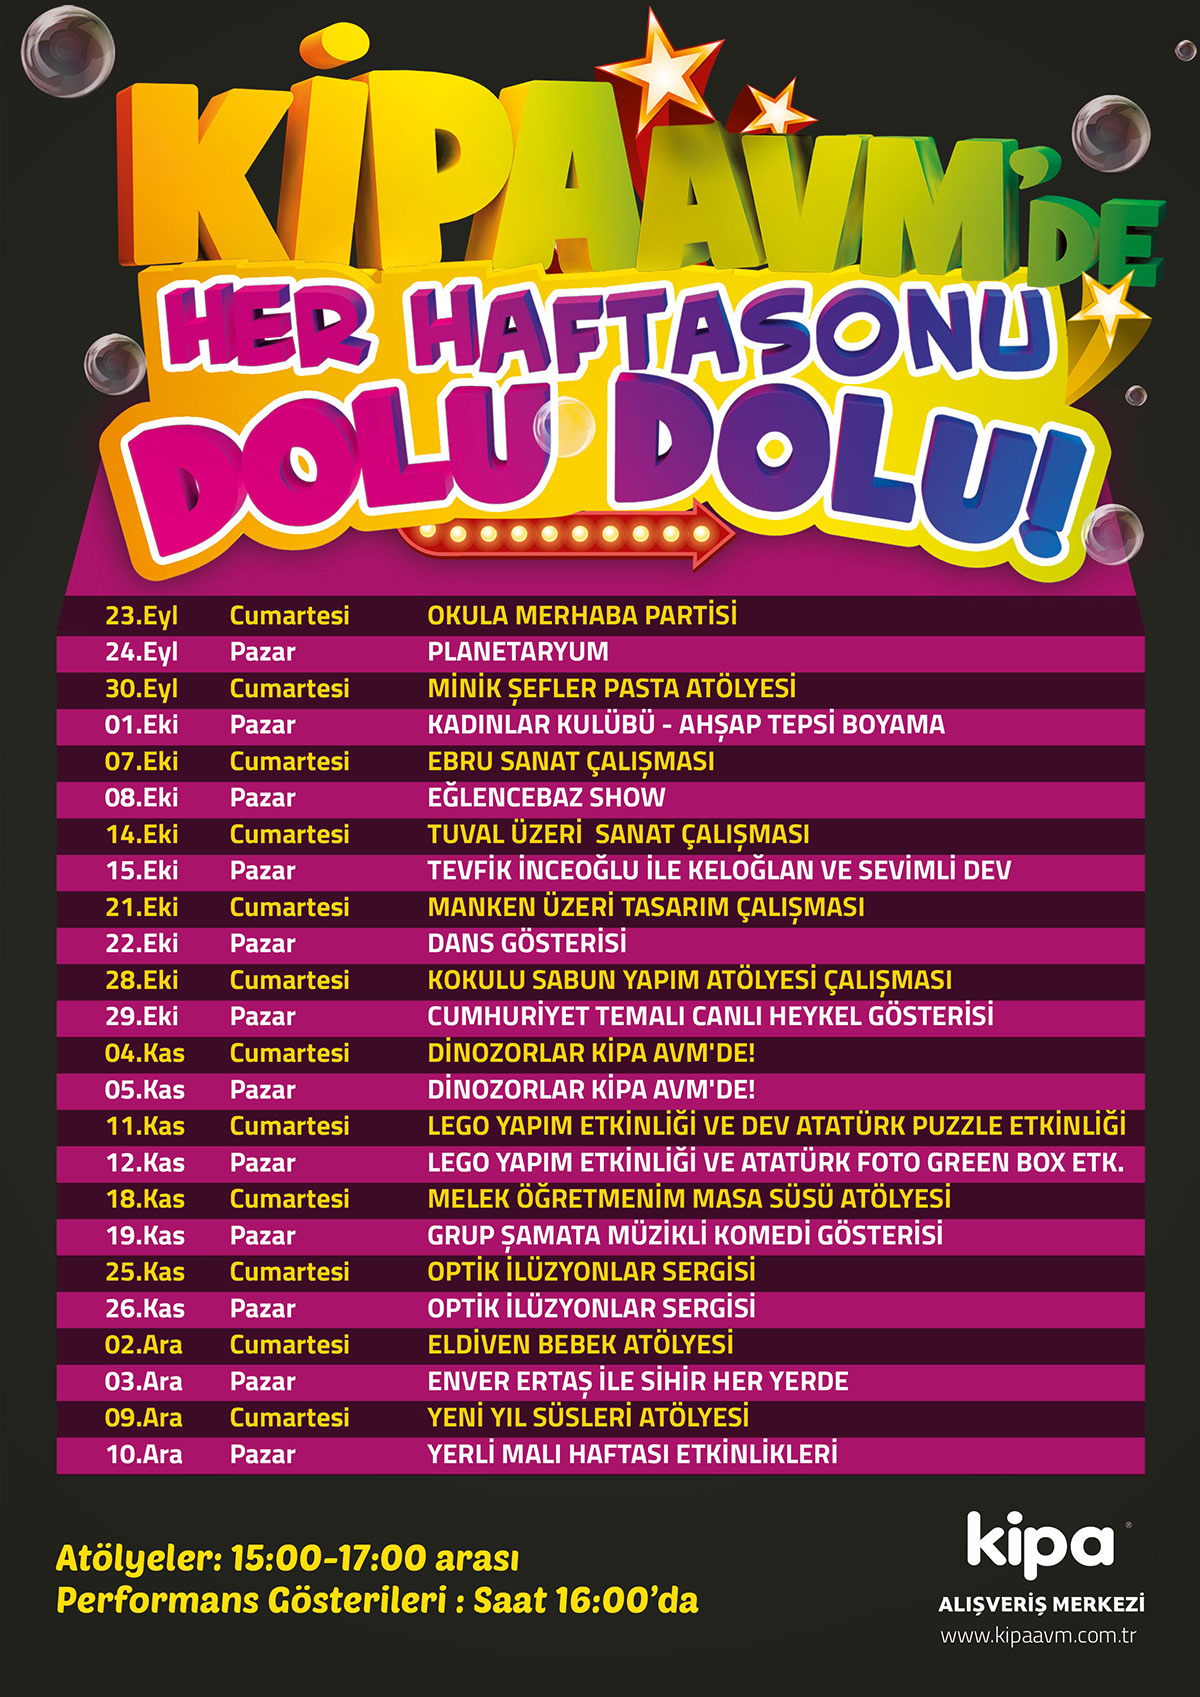 MERSİN KİPA AVM'DE HER HAFTASONU DOLU DOLU!